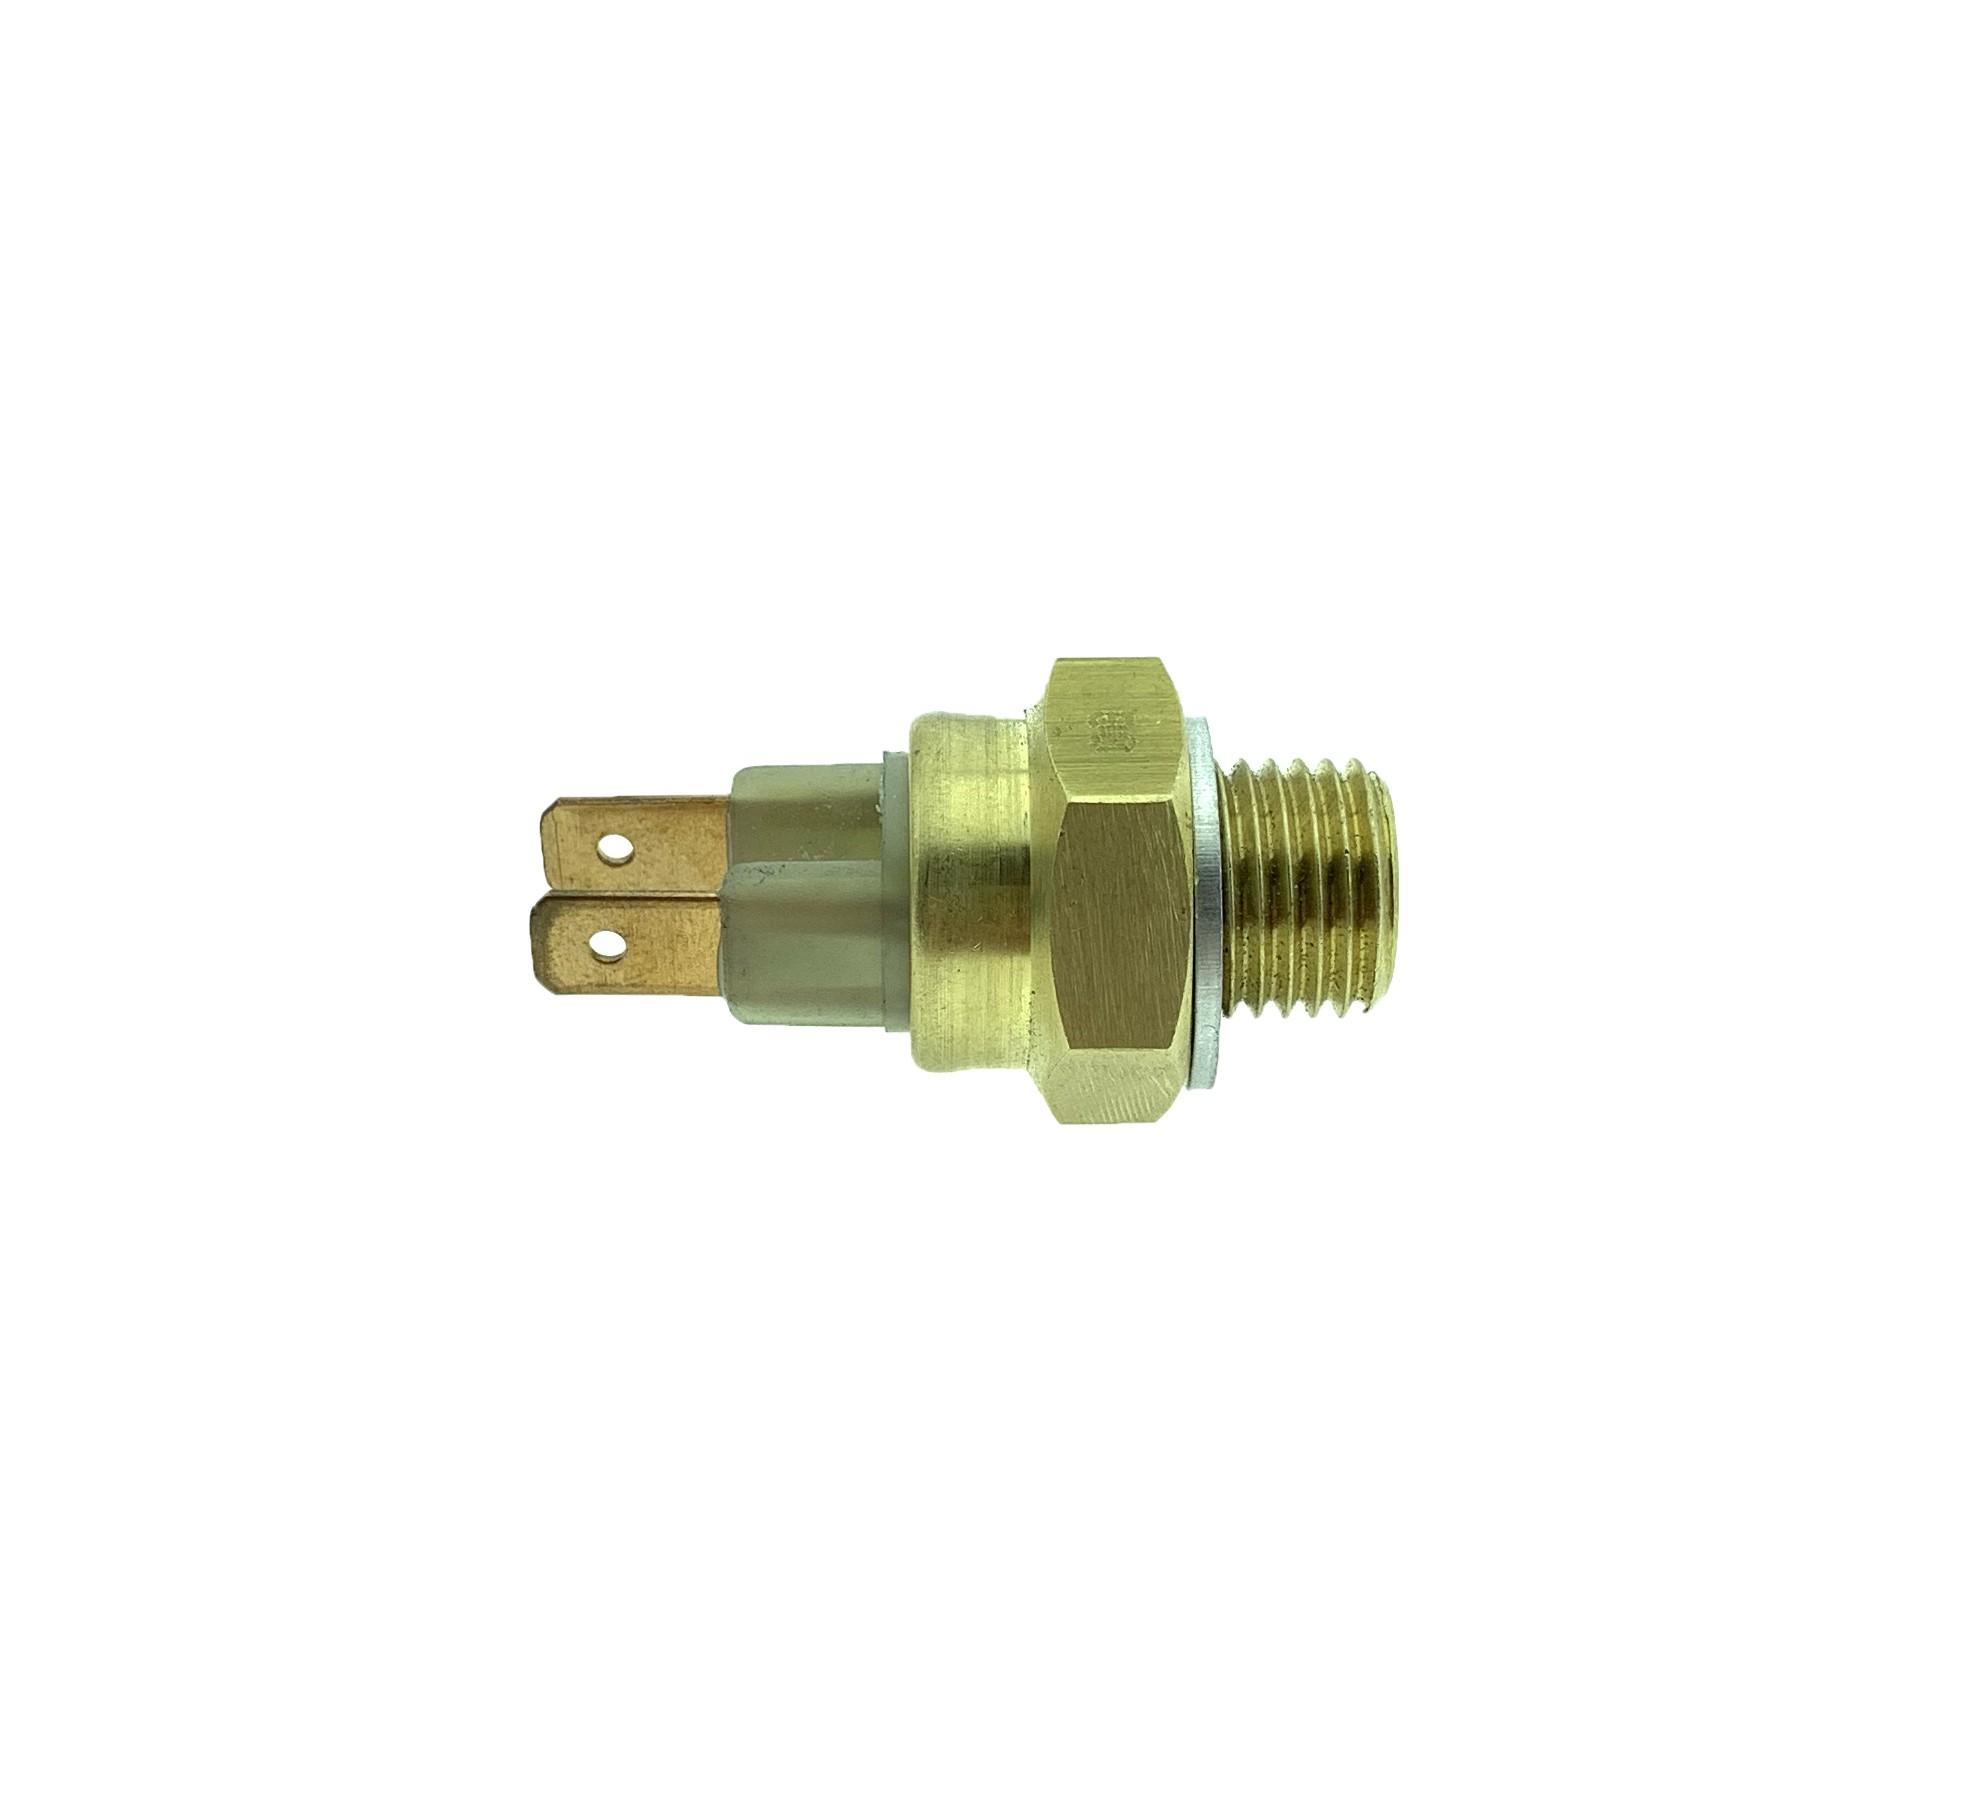 Cebolão Ventoinha Bms Sensor temperatura Ktm